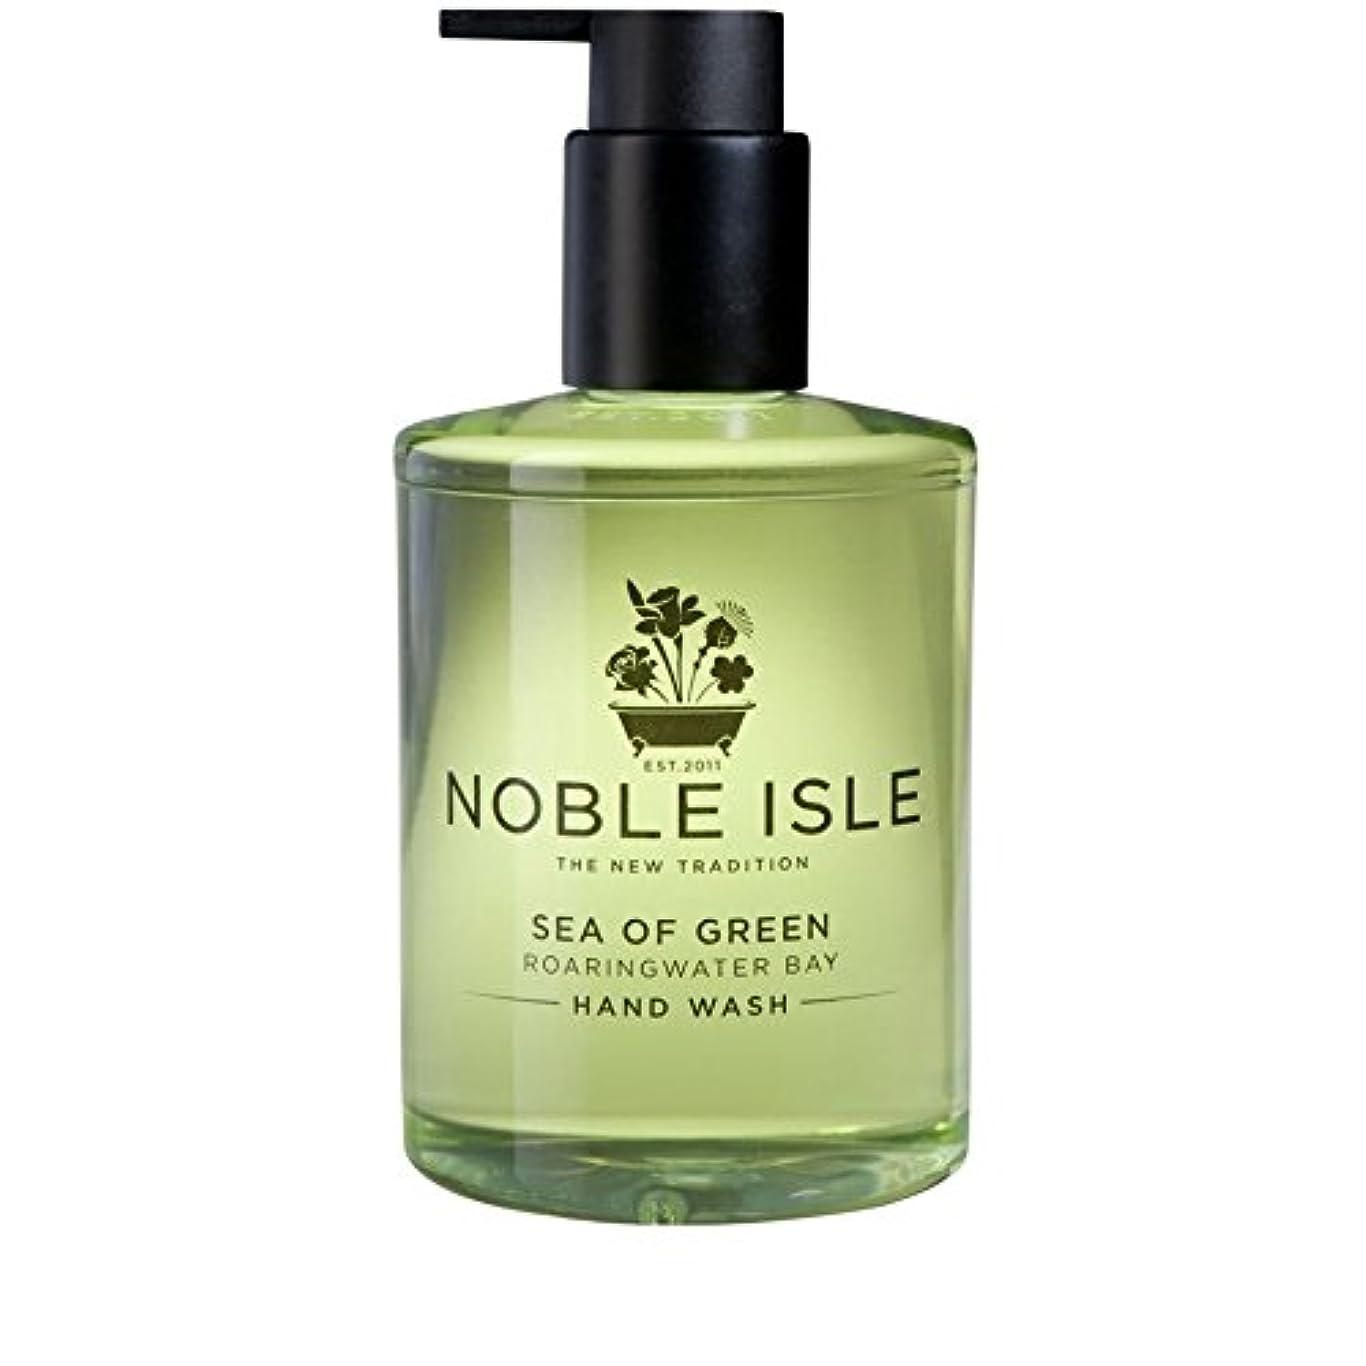 真実に誤解するすなわち緑ベイハンドウォッシュ250ミリリットルの高貴な島の海 x4 - Noble Isle Sea of Green Roaringwater Bay Hand Wash 250ml (Pack of 4) [並行輸入品]